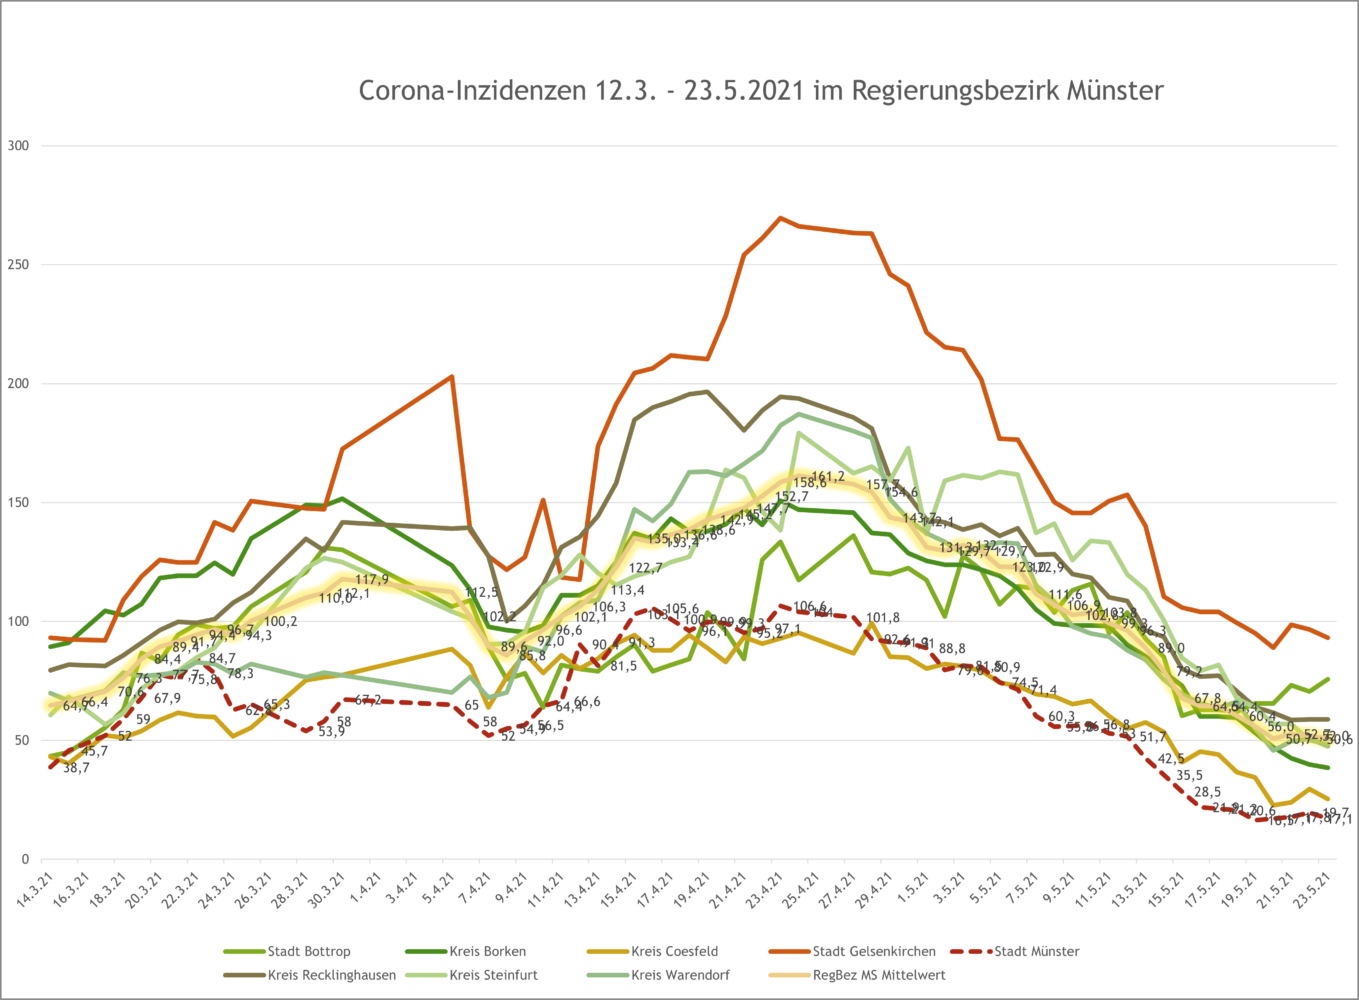 7-Tage-Inzidenzen im Regierungsbezirk Münster bis 23.5.2021 - Verlauf. Grafik: A. Hasenkamp.